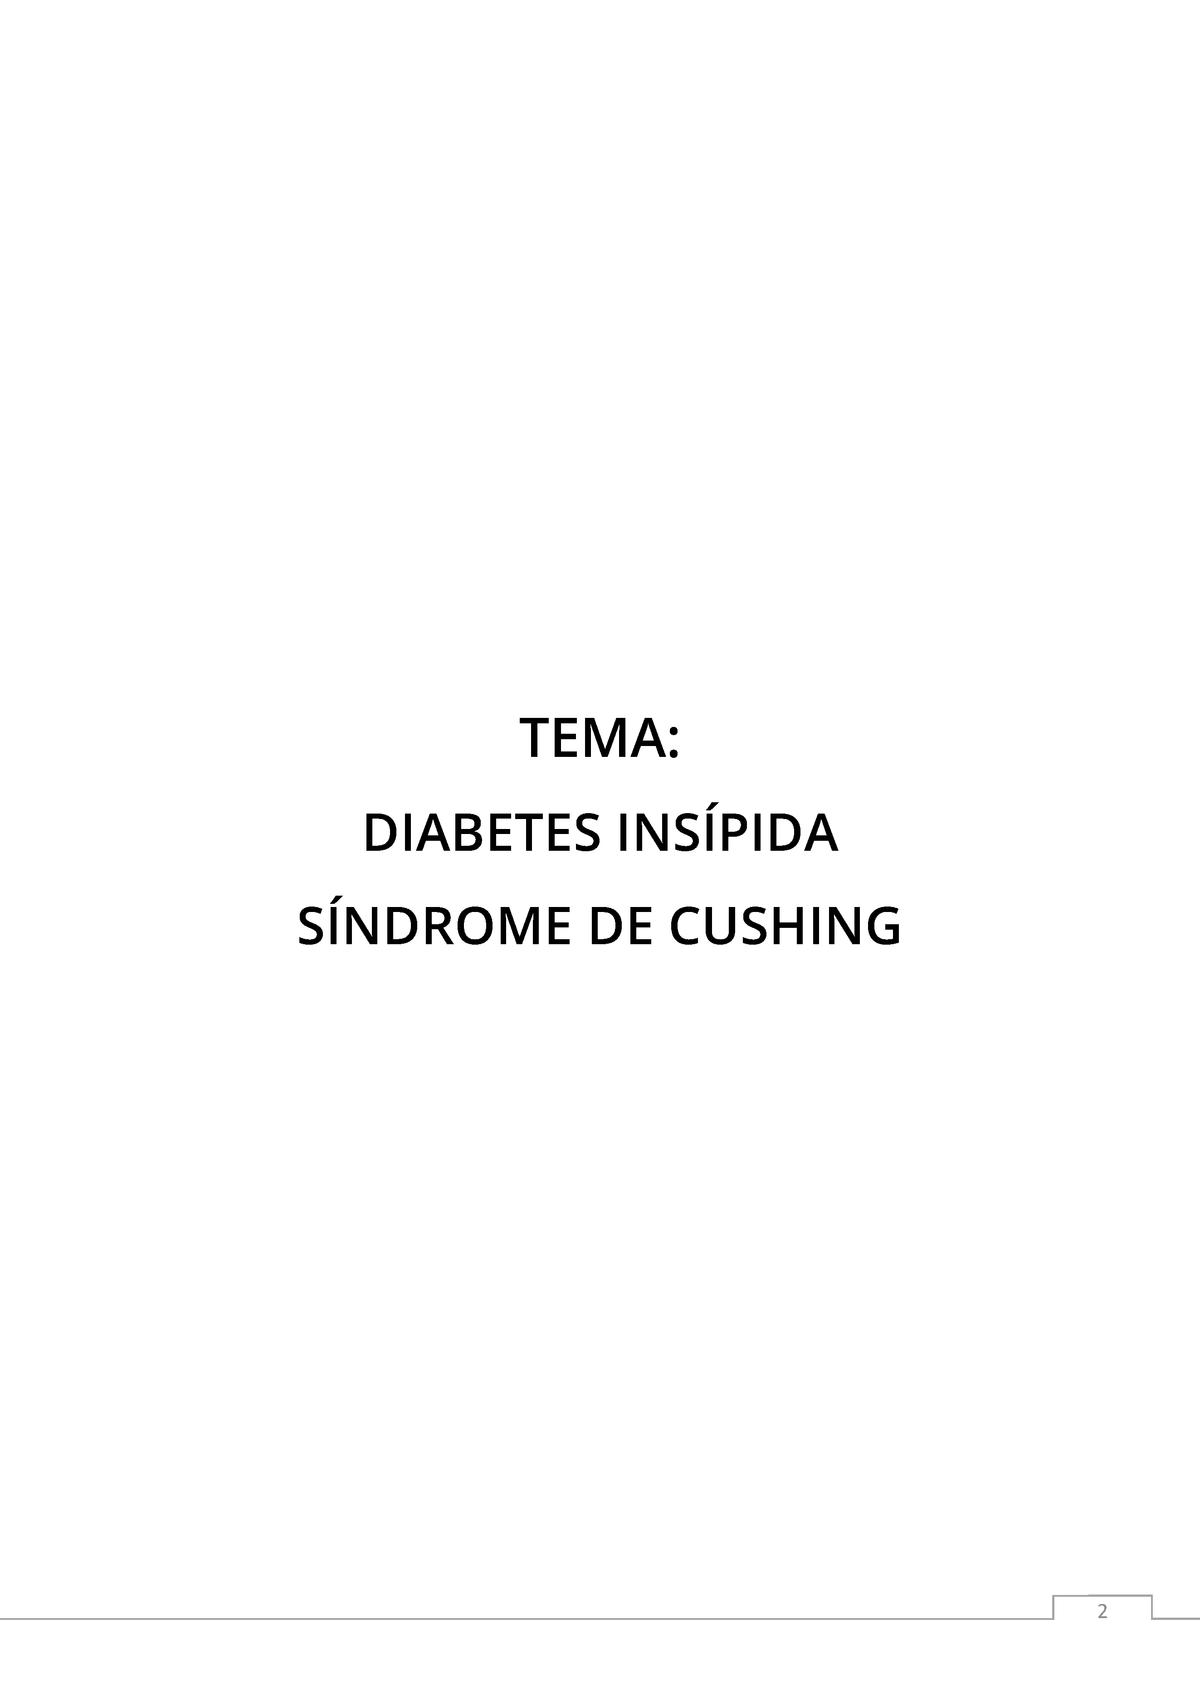 diabetes insípida y secreción adh mantiene